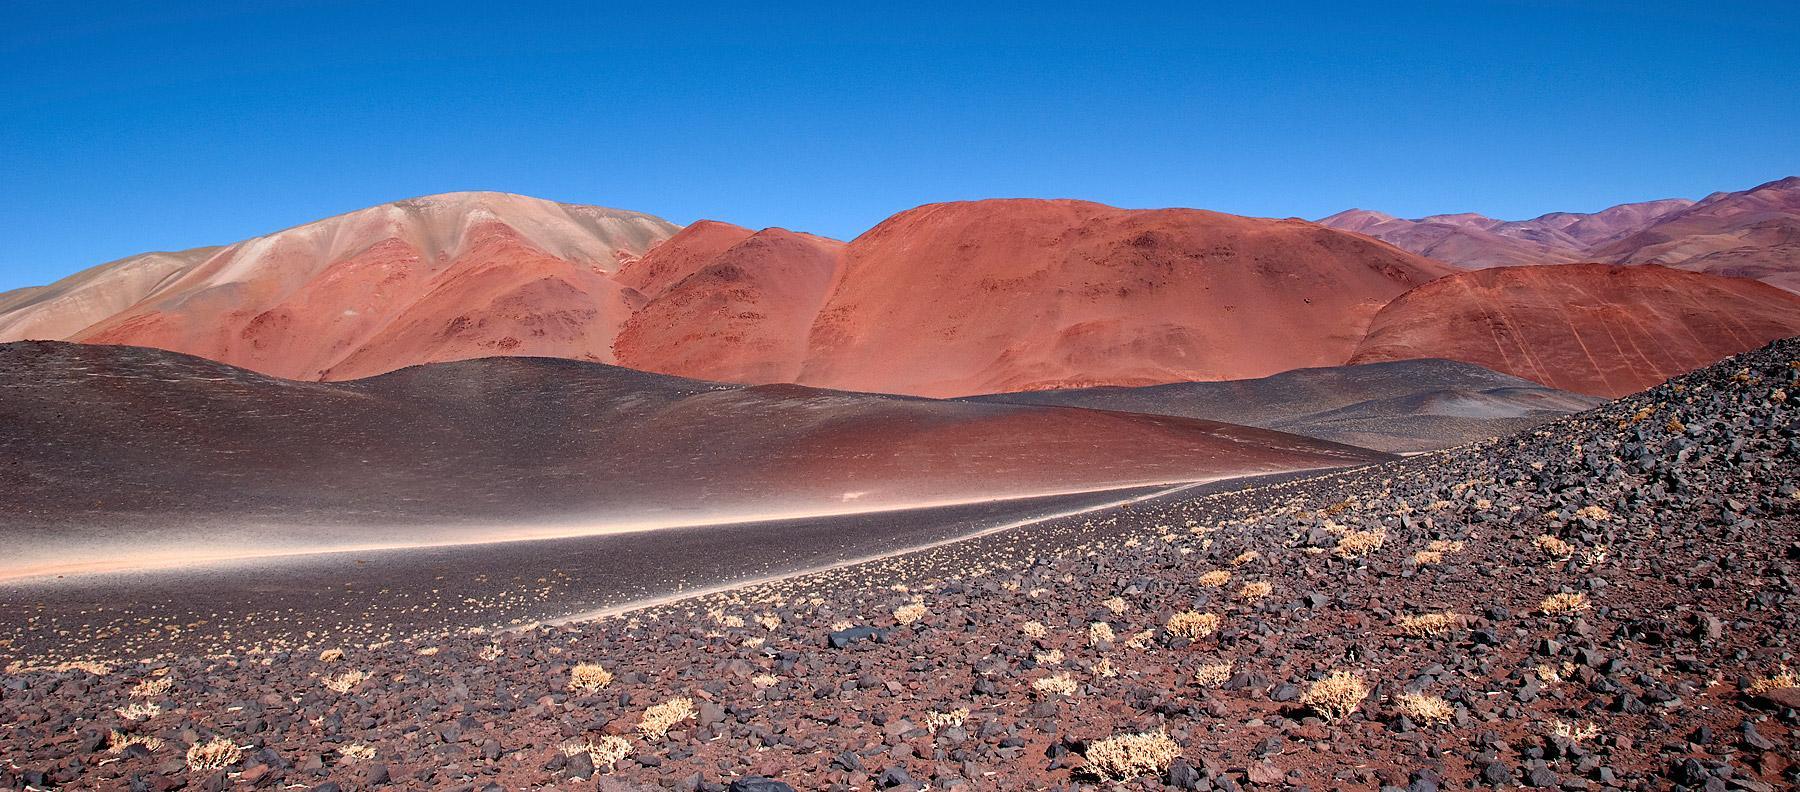 Entdecken Sie die Puna im Norden Argentiniens auf einer Rundreise mit uns